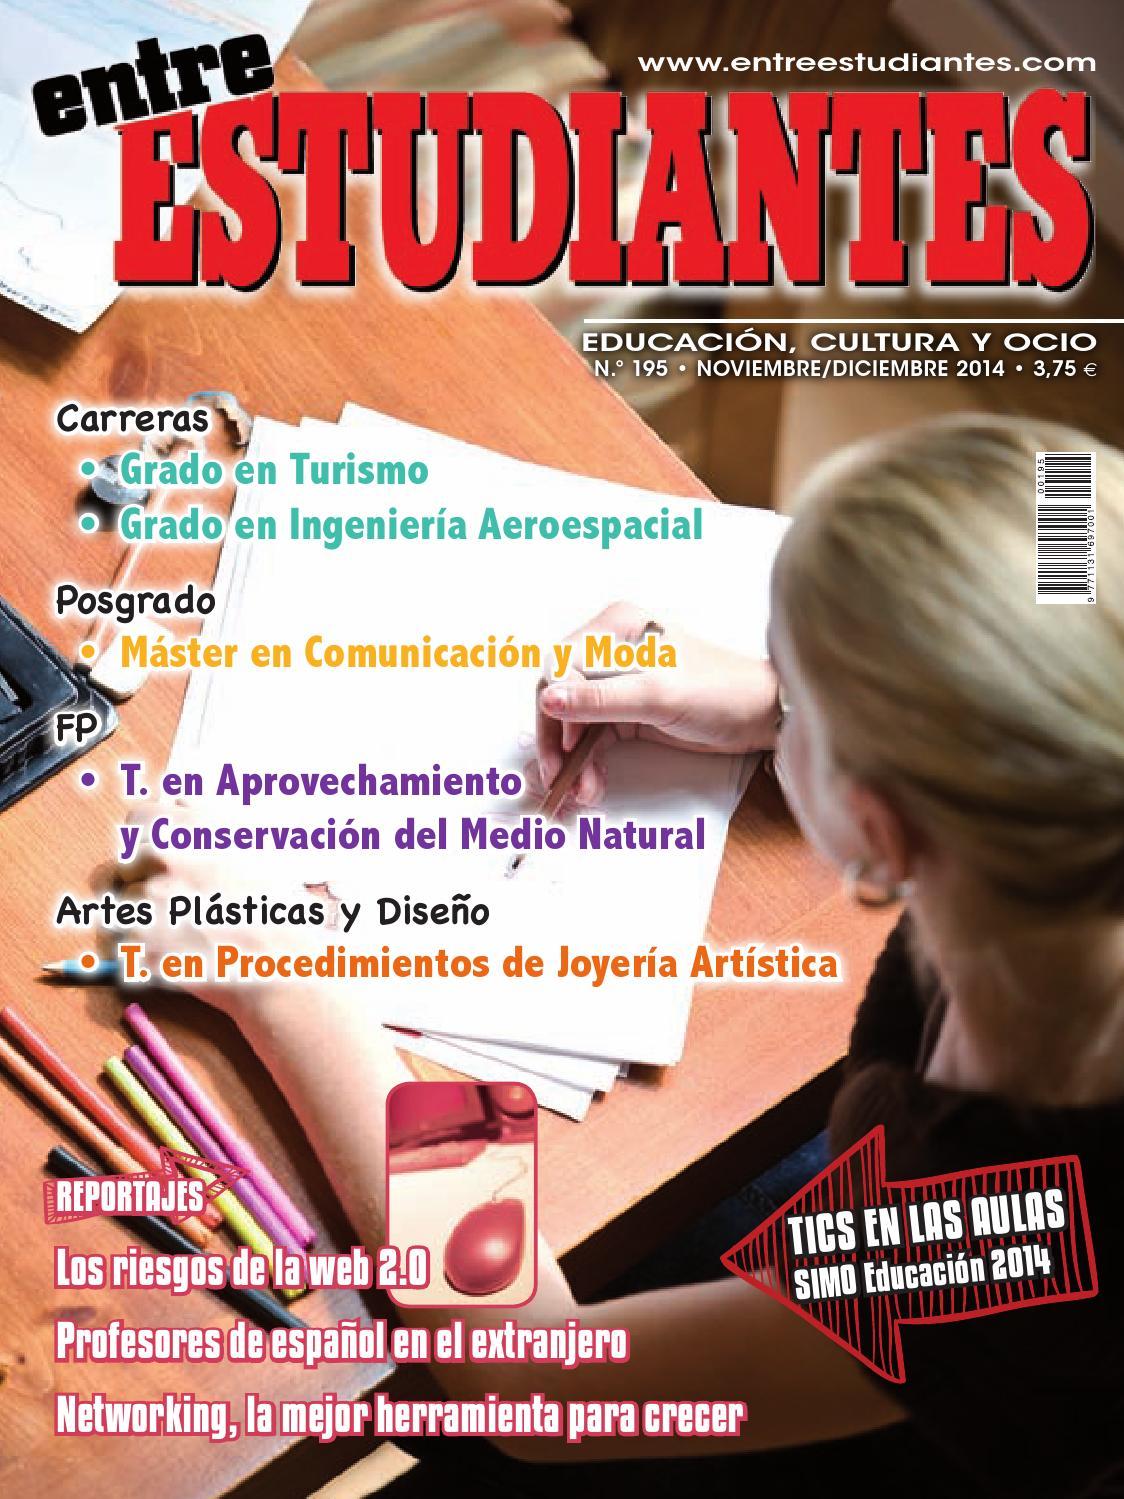 Entre Estudiantes - 195 by Peldaño - issuu